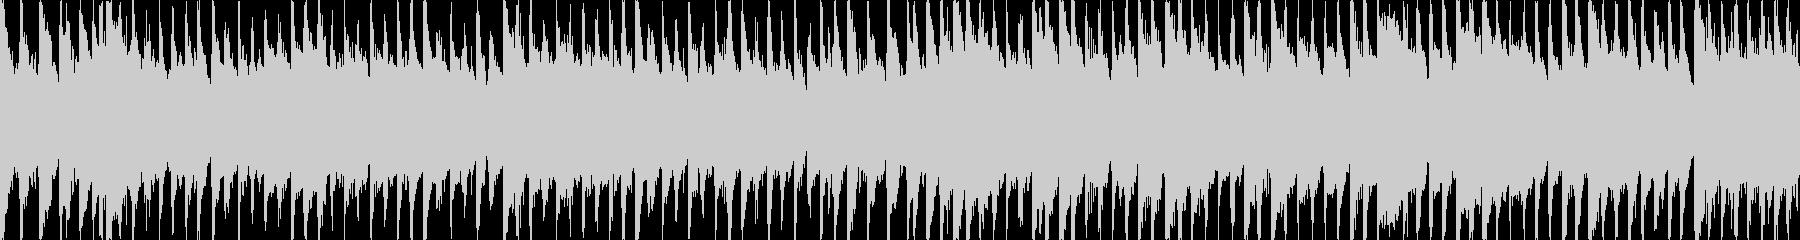 マンドリン、グロッケンシュピール、...の未再生の波形